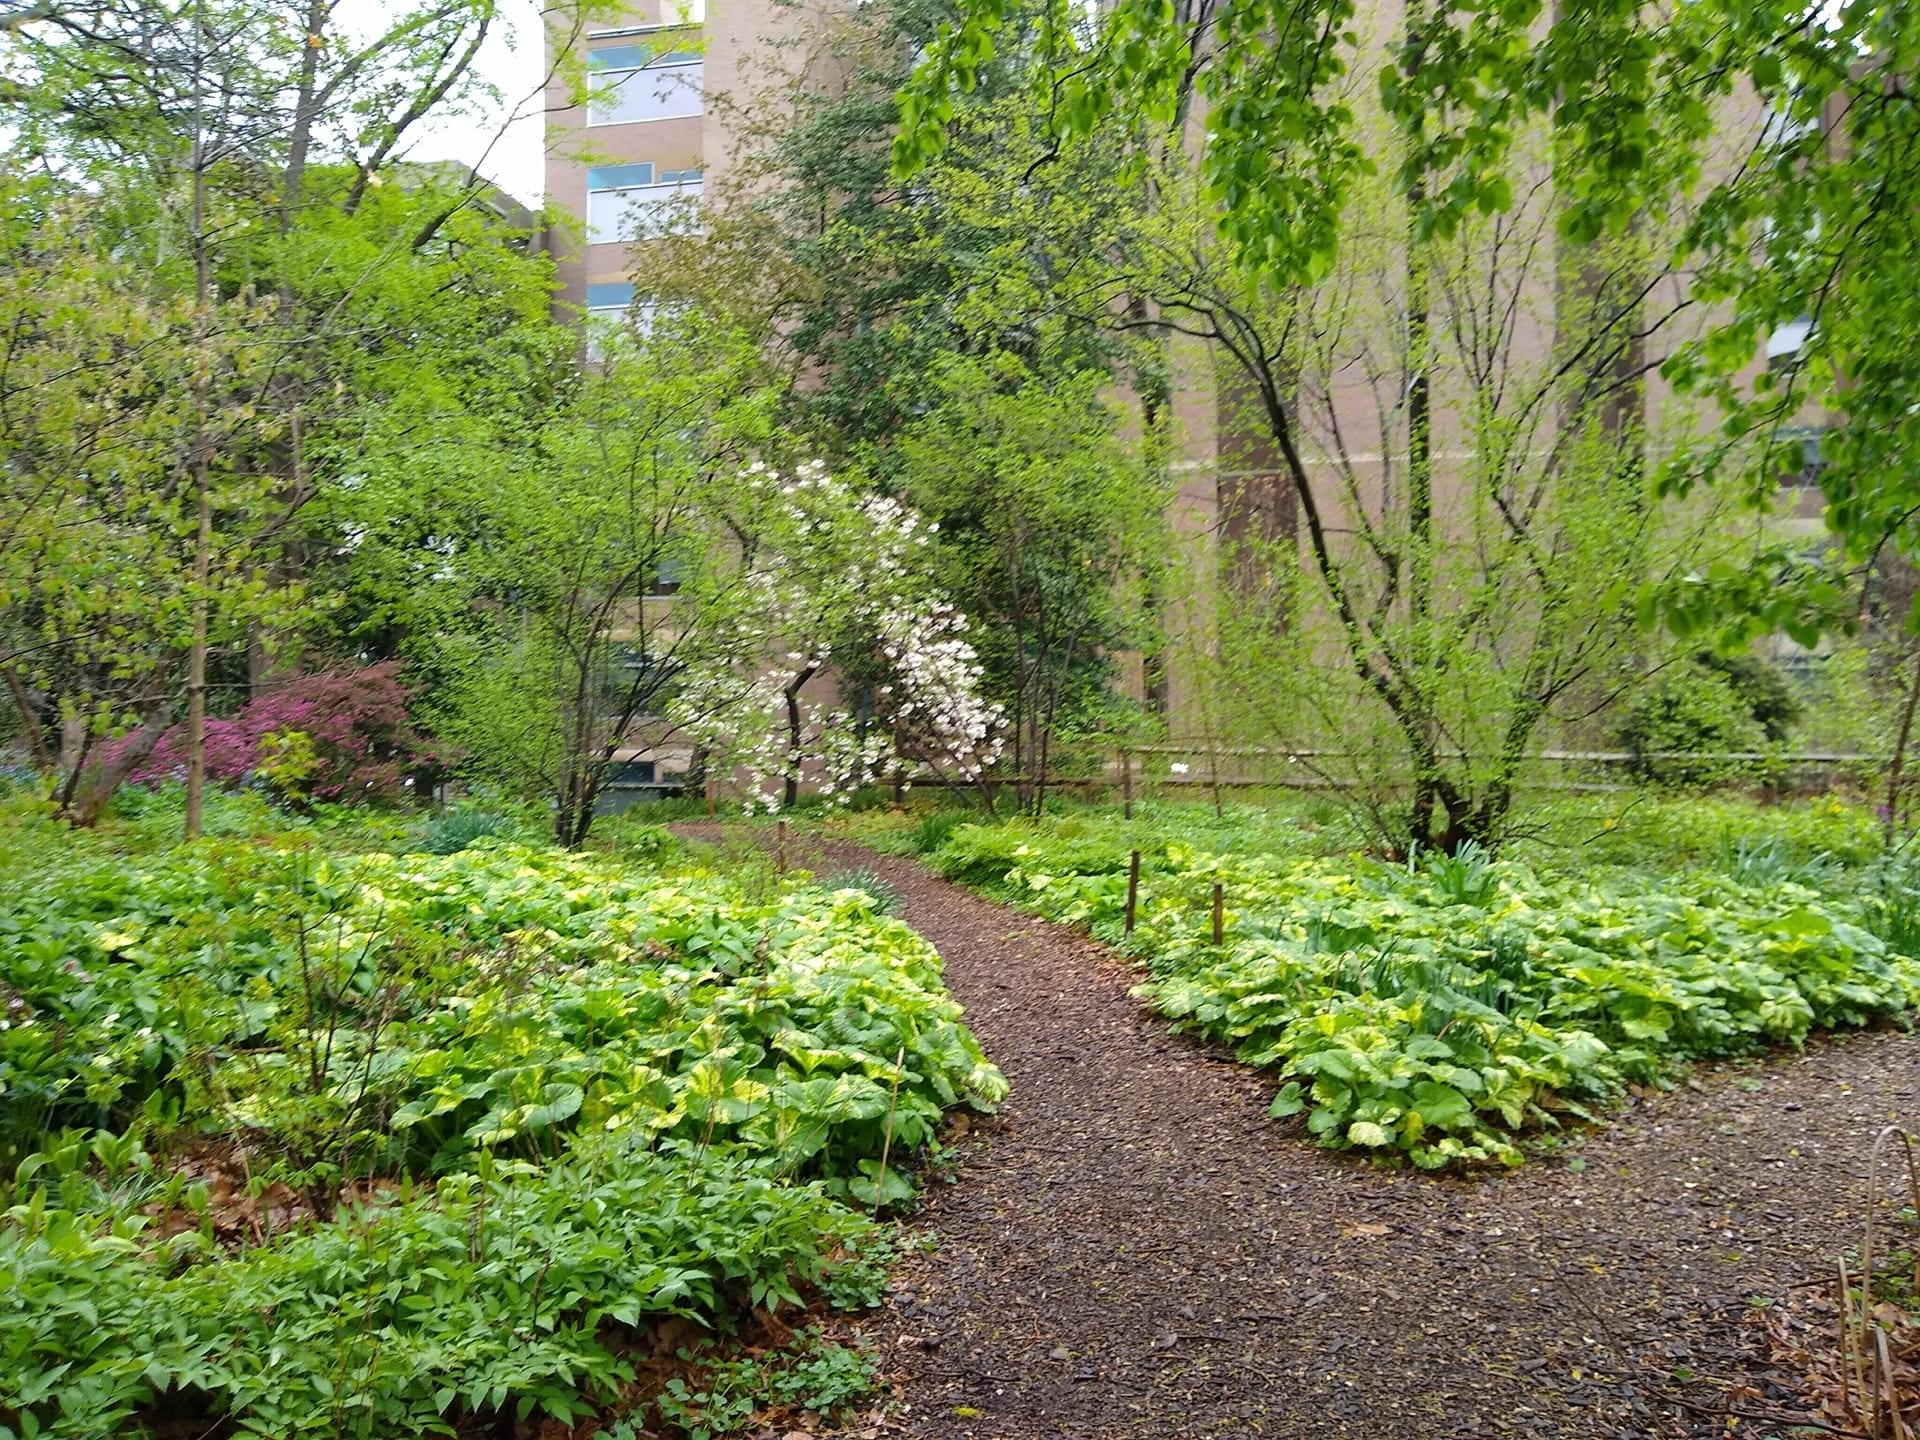 Petasites japonicus carpets the Woodland Garden.